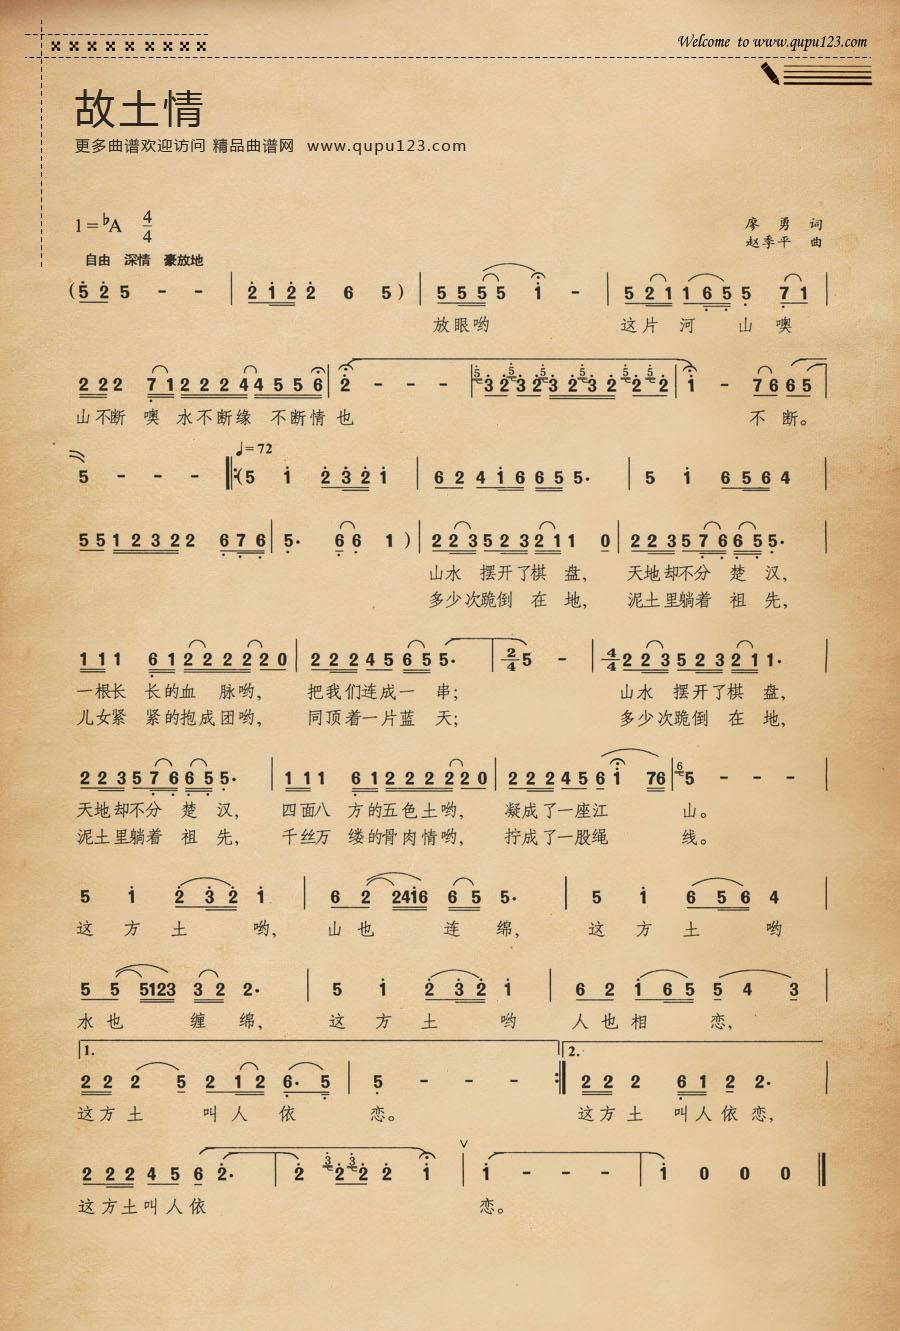 谁有王子恒的《故土情》笛子曲谱